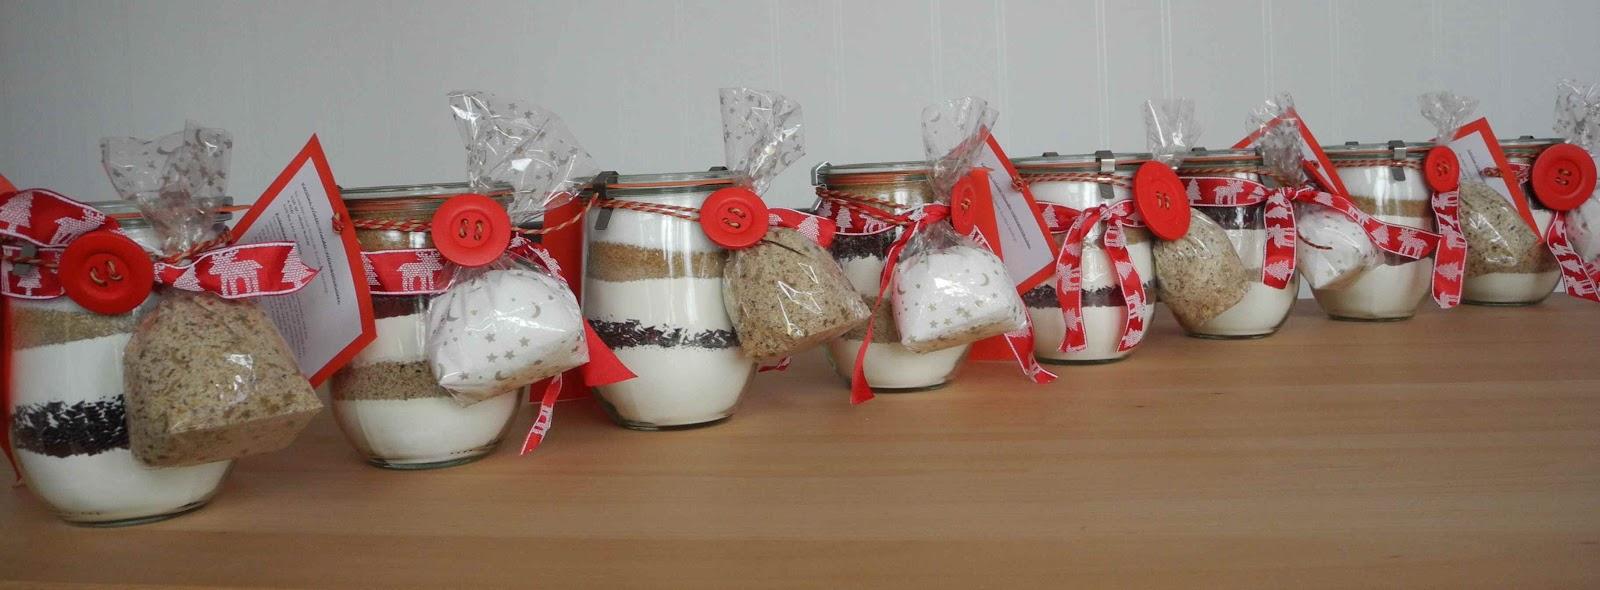 Rezepte Fur Kuchen Im Glas Kuche Tolle Rezept Kuchen Im Glas